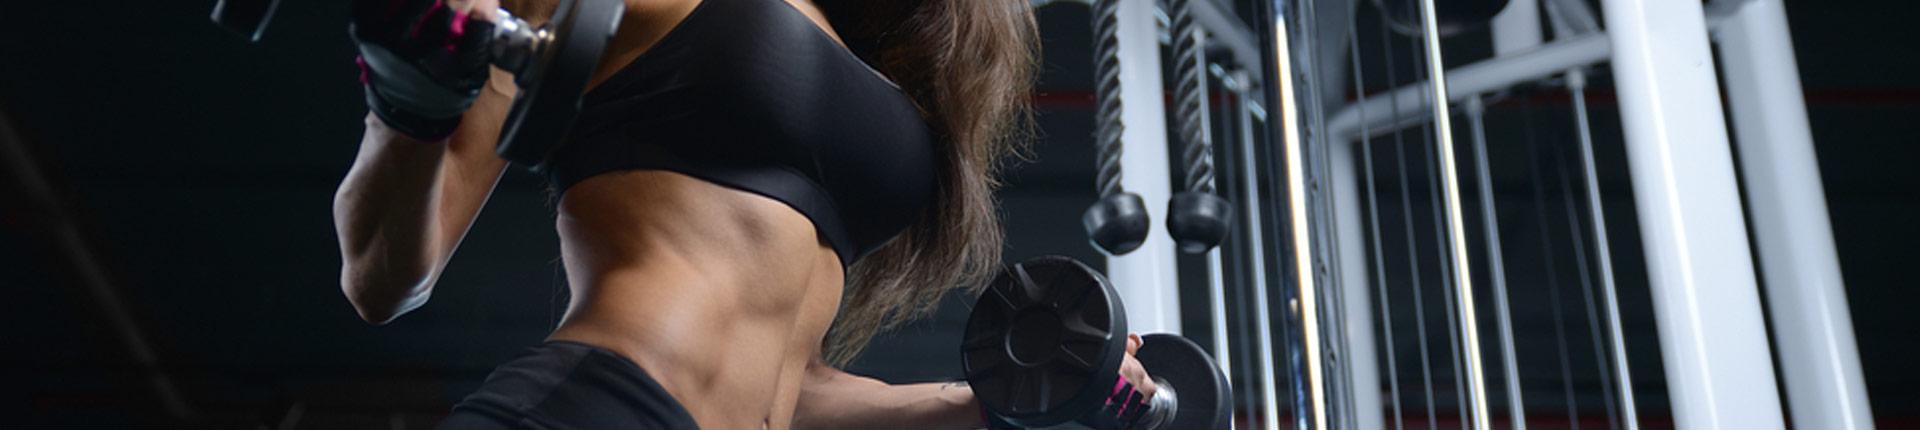 Jak spalić tłuszcz, jeśli nie mam czasu ćwiczyć?